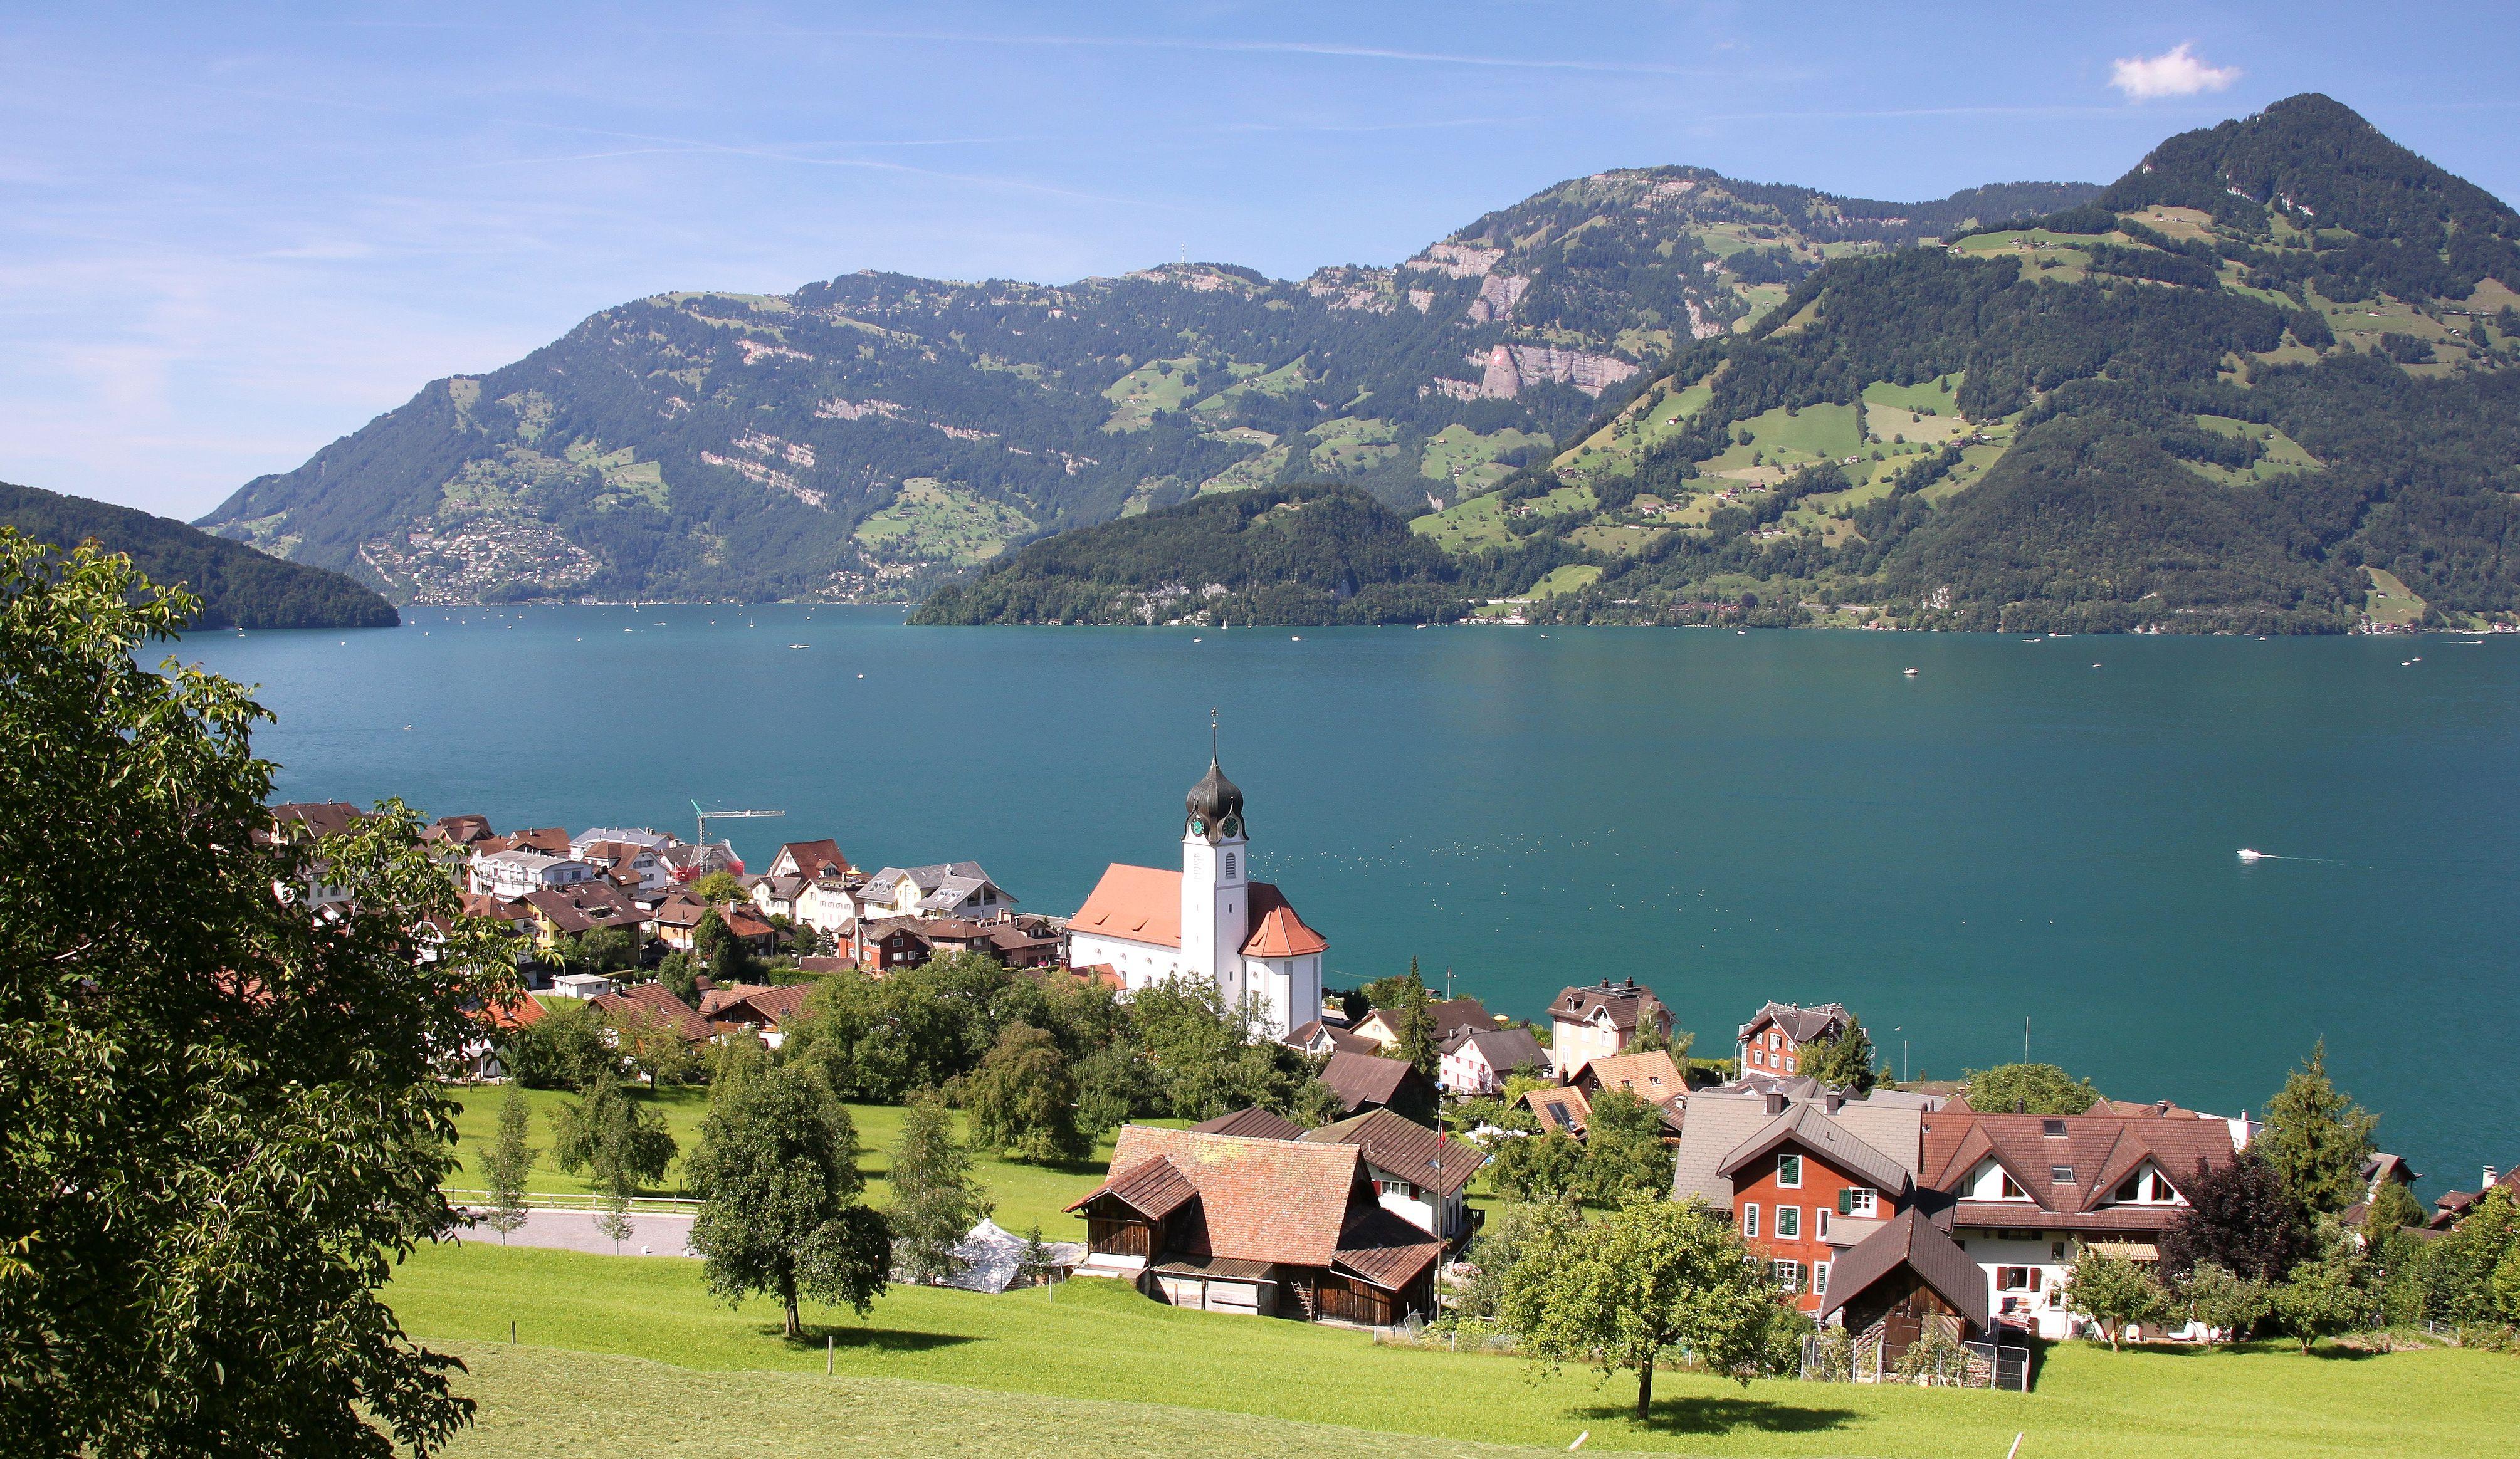 Schweiz Vierwaldstättersee (Lake of the four forest